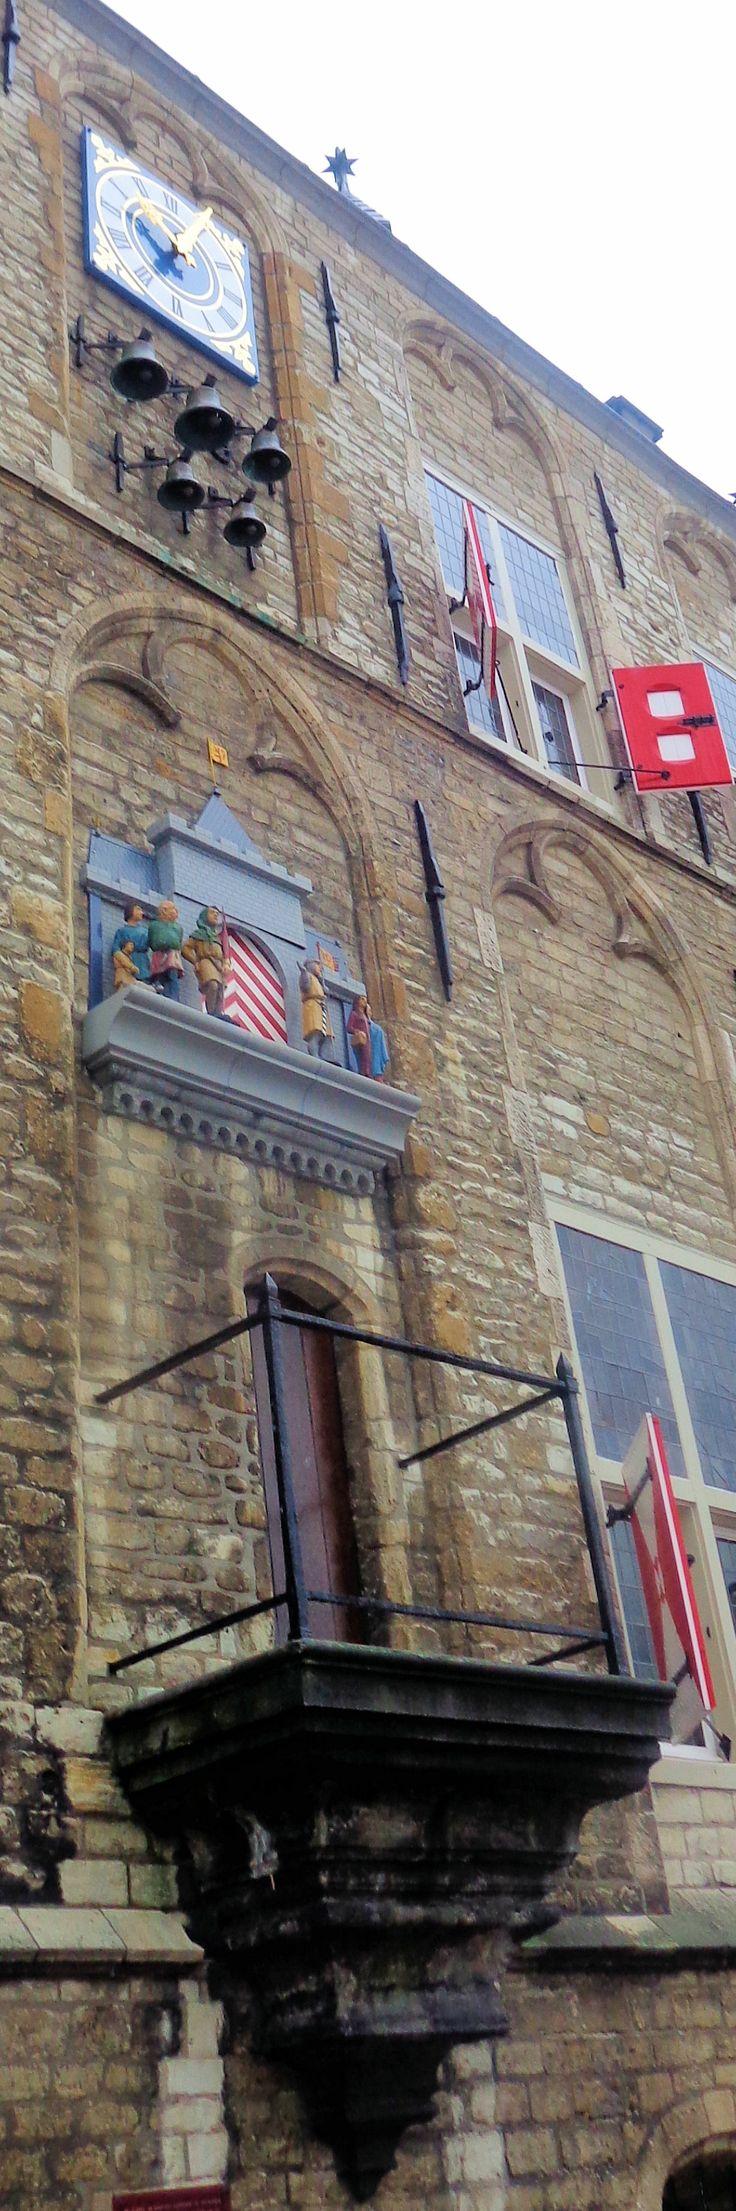 De oostgevel bevat een schitterend uurwerk, gerestaureerd in 1996, met een bewegende voorstelling van graaf Floris V die Gouda de stadsrechten overhandigt. Het poppenspel, dat elk half uur speelt, werd in 1961 geschonken door Geert Bouwmeester, oprichter van de Goudse Verzekeringen en ereburger van Gouda. Onder het carillon bevindt zich een klein balkonnetje, dat ook wel een hangende kaak werd genoemd. Hier werden veroordeelden van lichte vergrijpen openbaar aan de kaak gesteld.